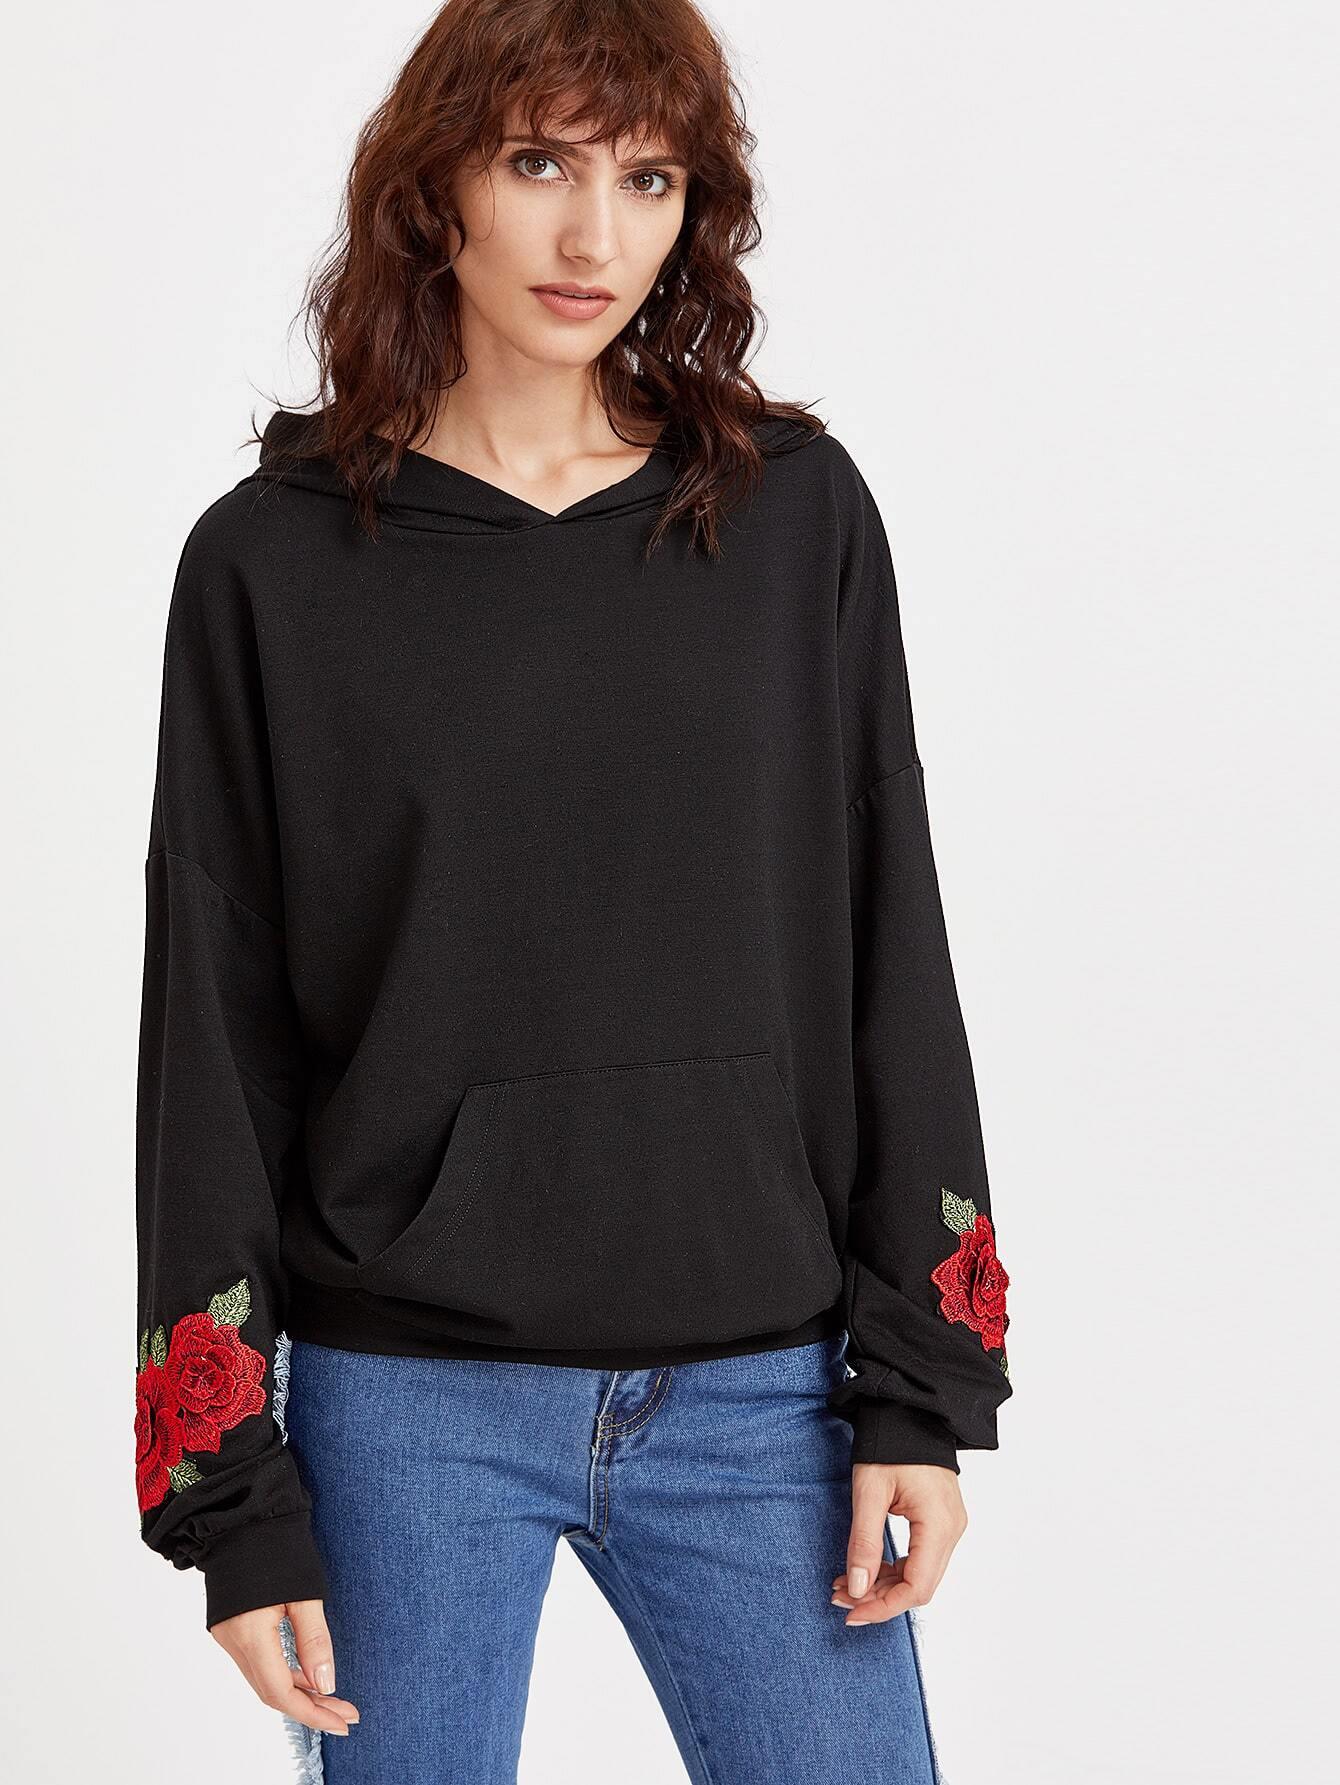 Black drop shoulder embroidered rose applique hoodie